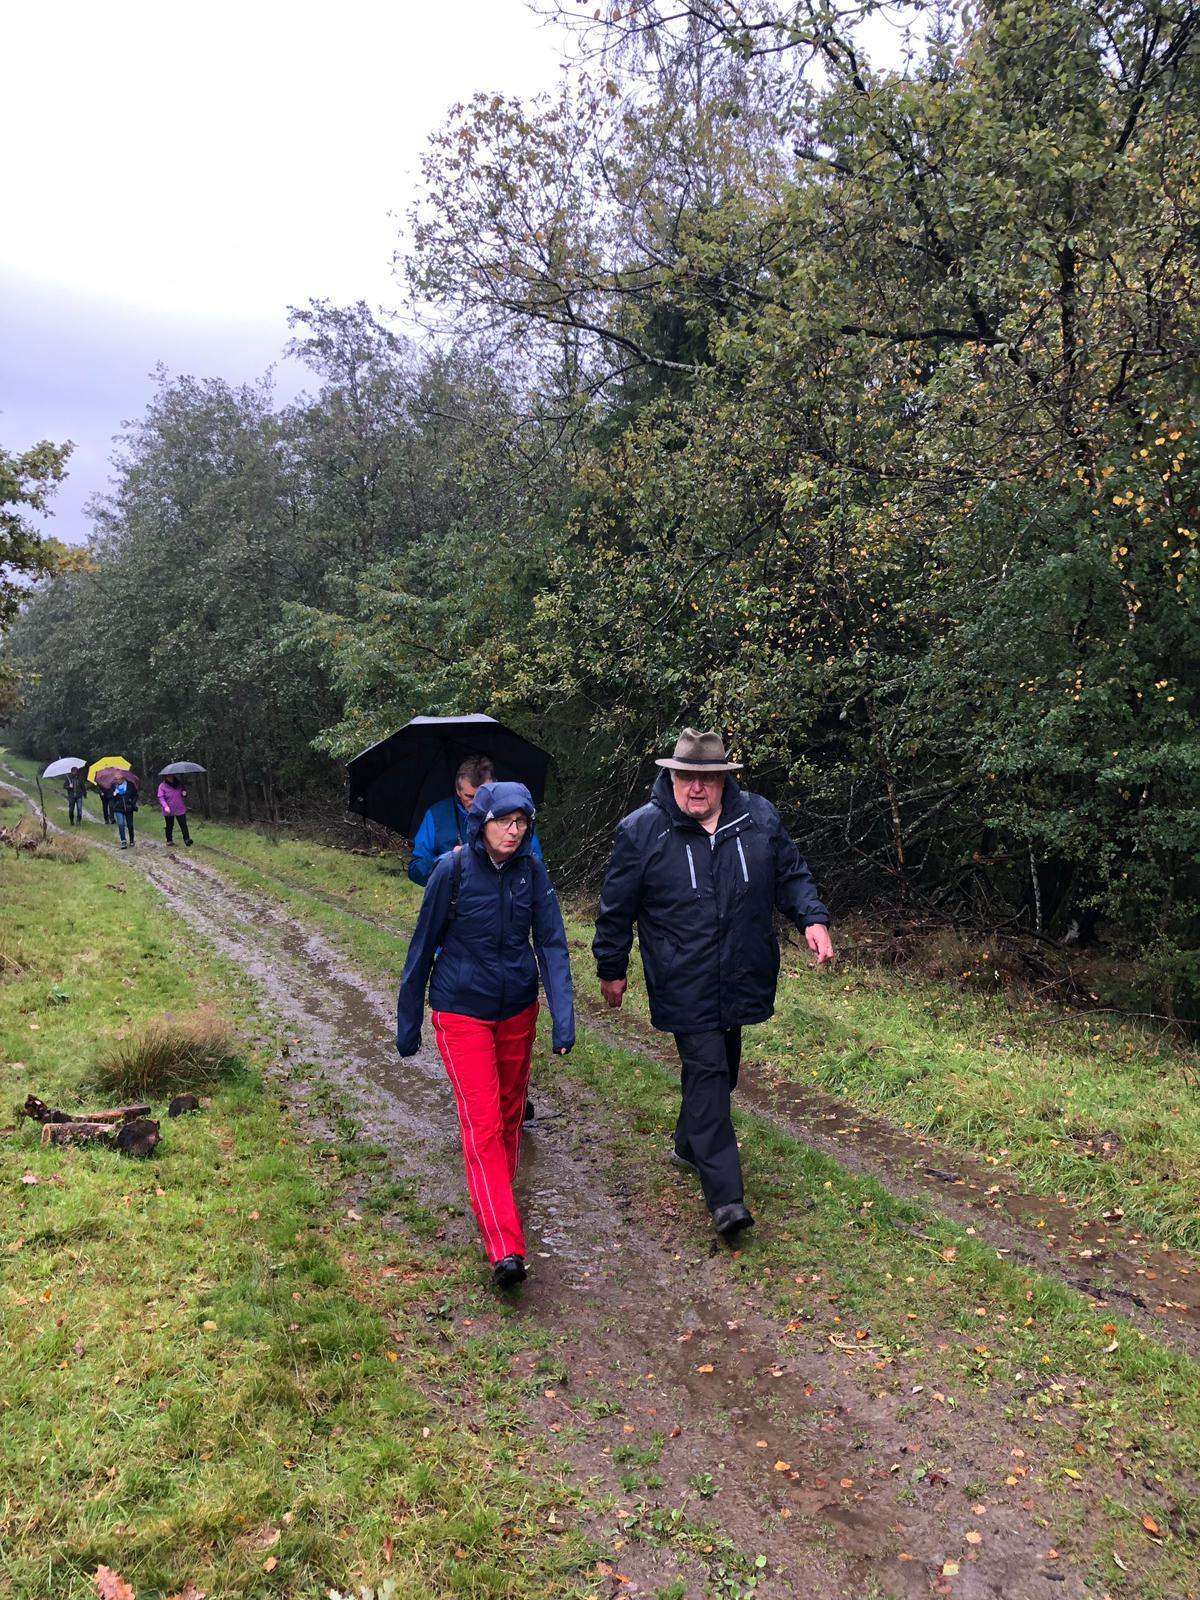 2019-10-06 Herbstwandrung (8)